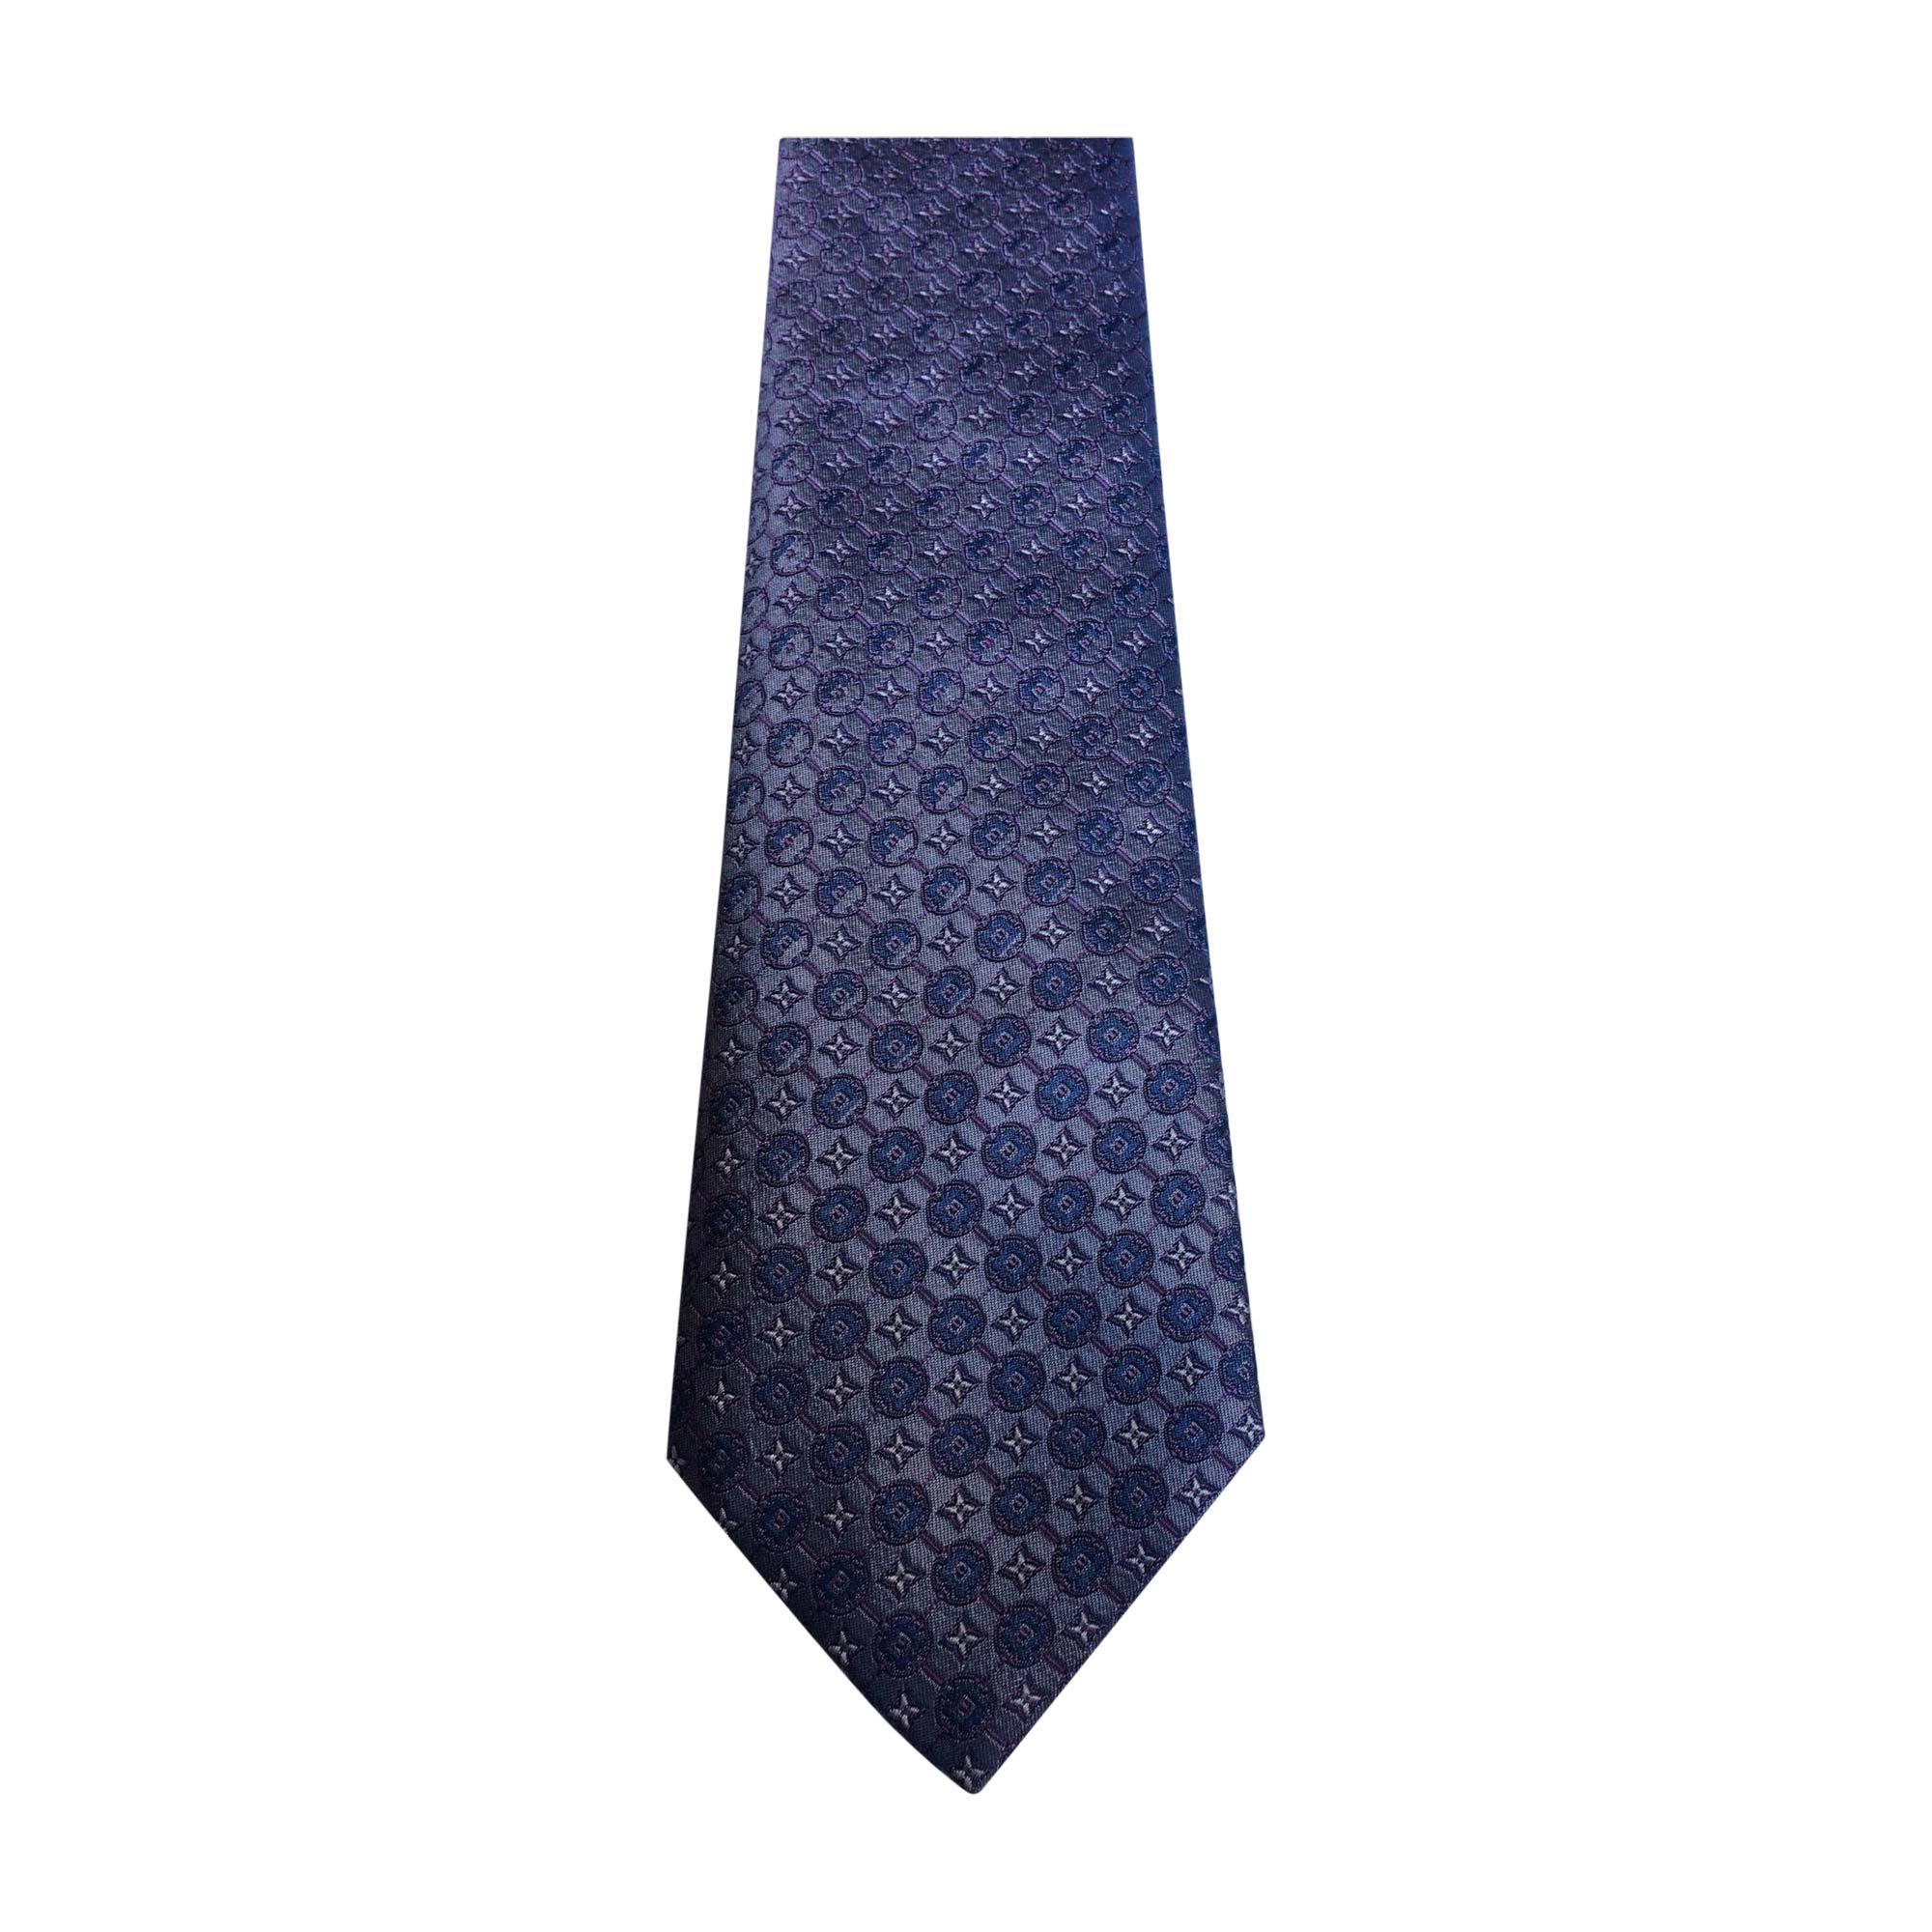 52cd52f9b42c7 Krawatte LOUIS VUITTON blau vendu par Marsur - 7327808